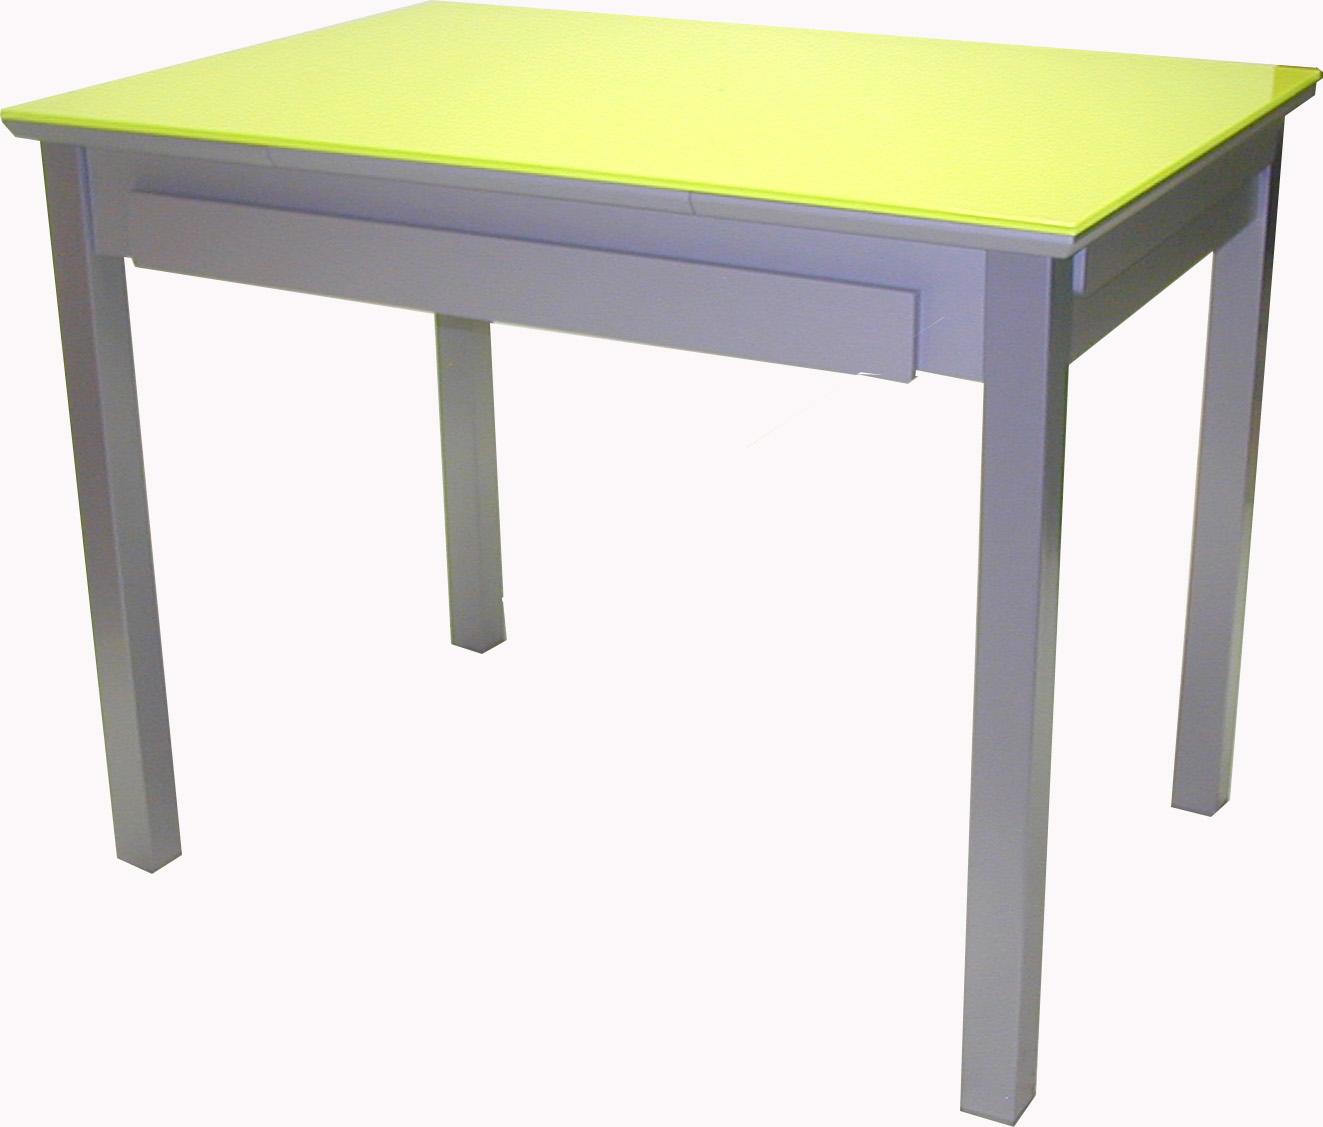 Mesa cocina extensible metalica cristal ane 4 patas - Mesa cocina extensible ...